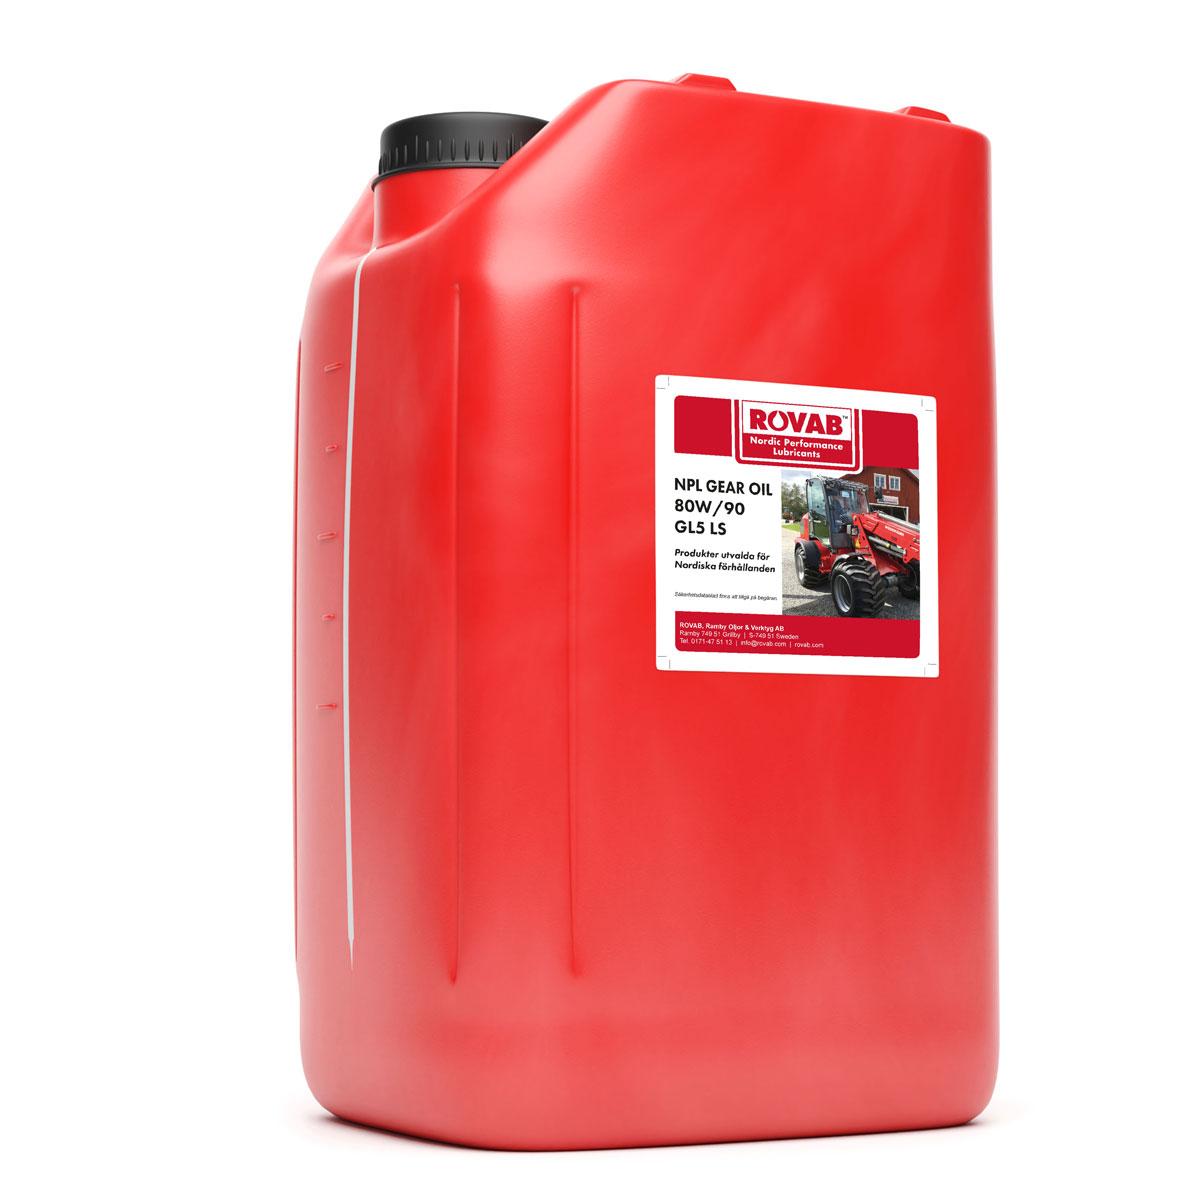 NPL Gear Oil 80W/90 GL5 Ls 20 liter